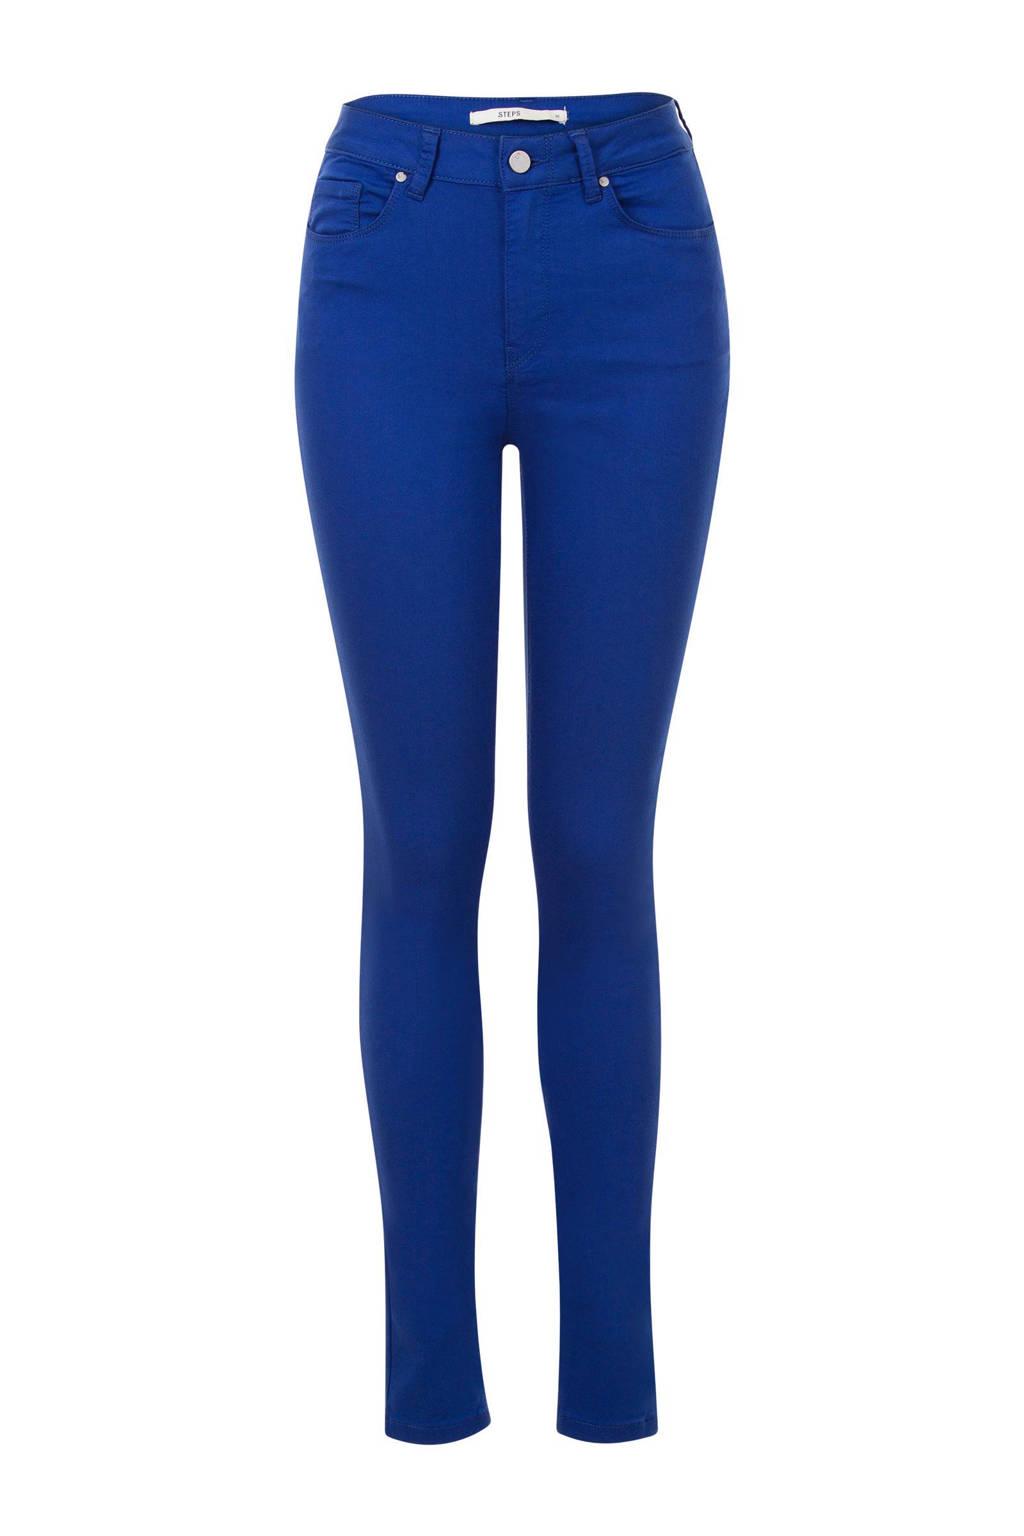 Steps high waist skinny jeans blauw, Kobaltblauw